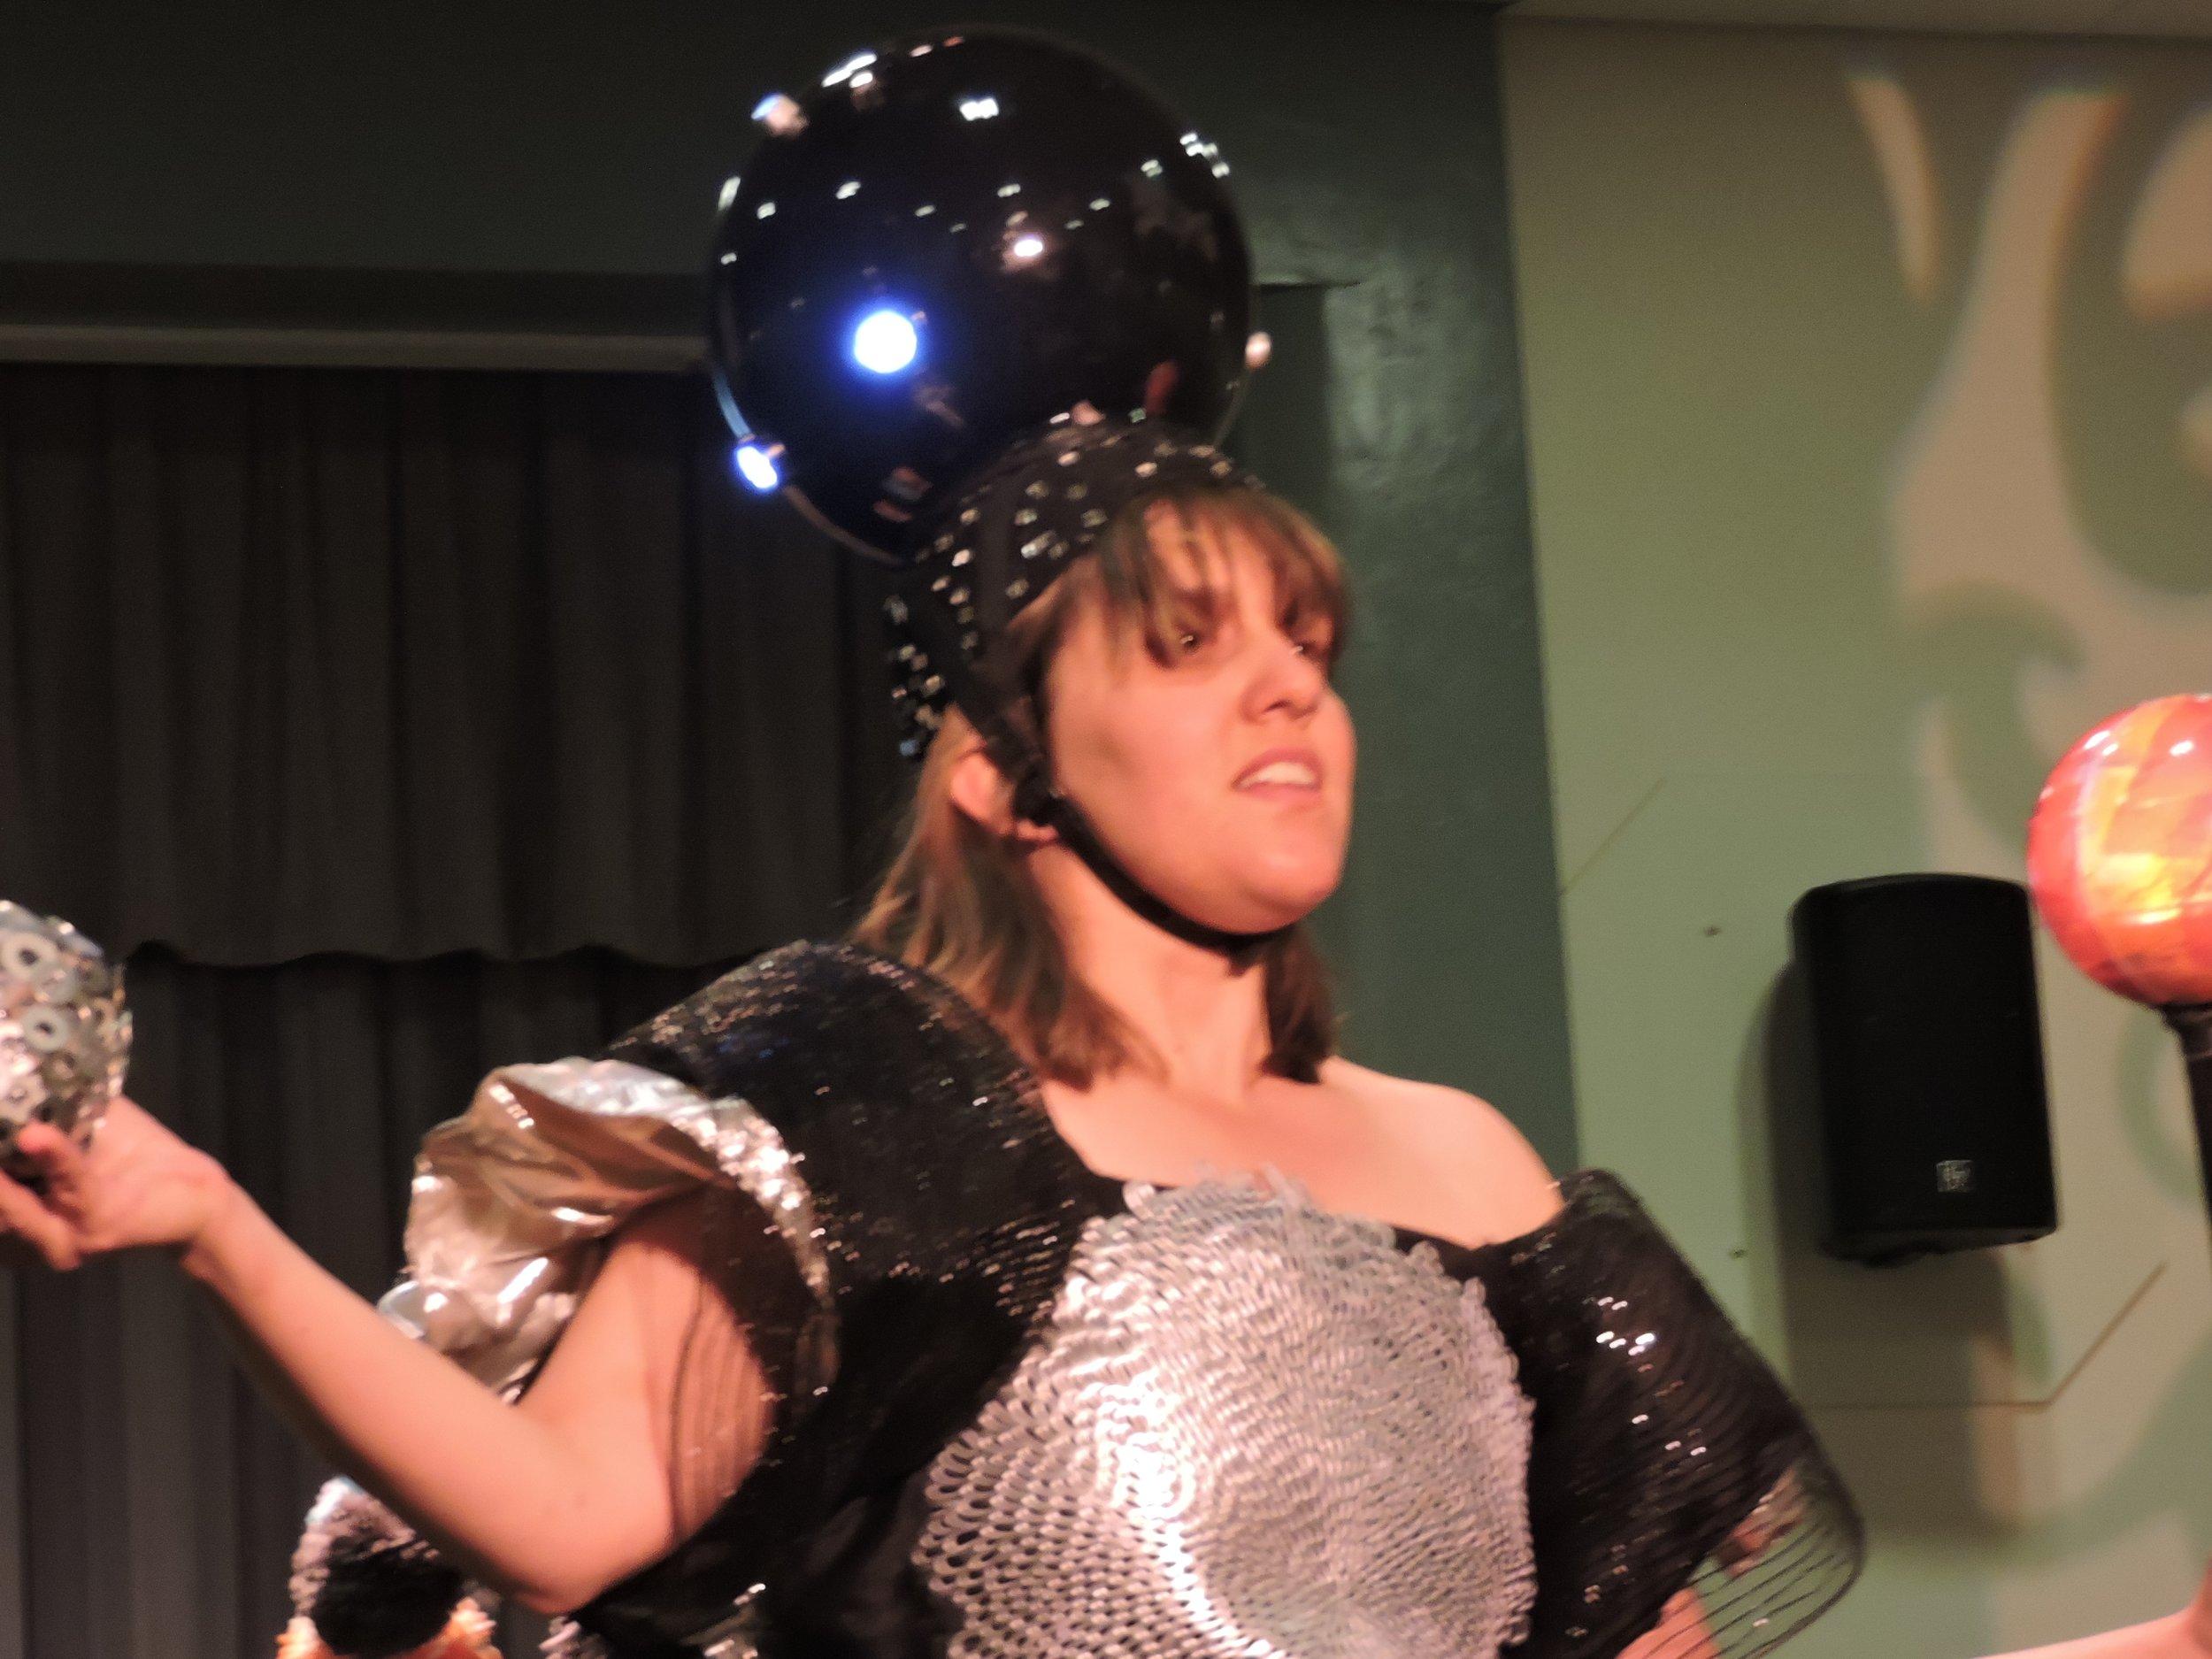 Trashion Fashion rehearsal planetarium headpiece 040519.jpg